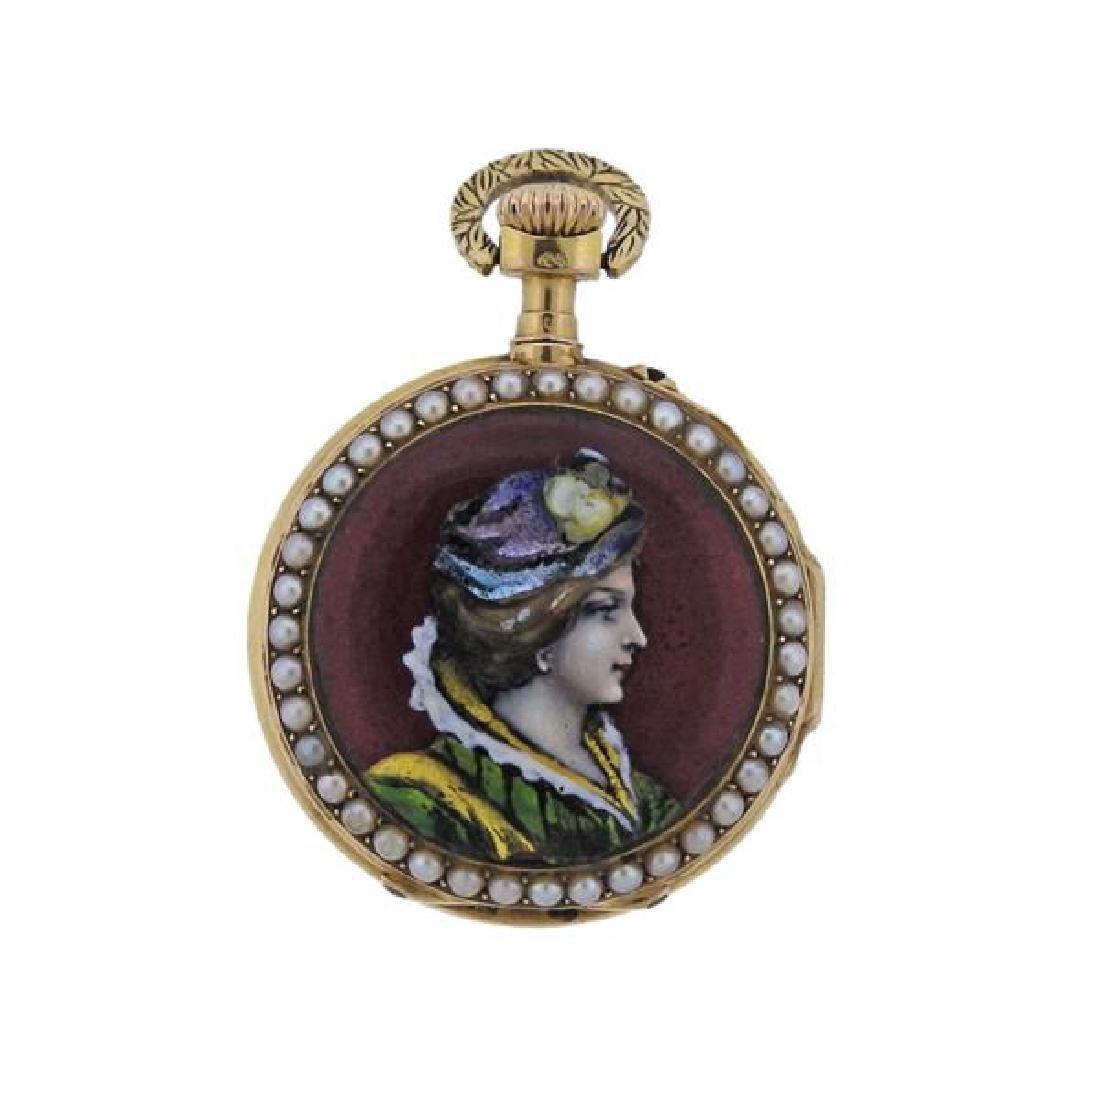 Antique Lepine 18k Gold Pearl Enamel Pocket Watch - 2